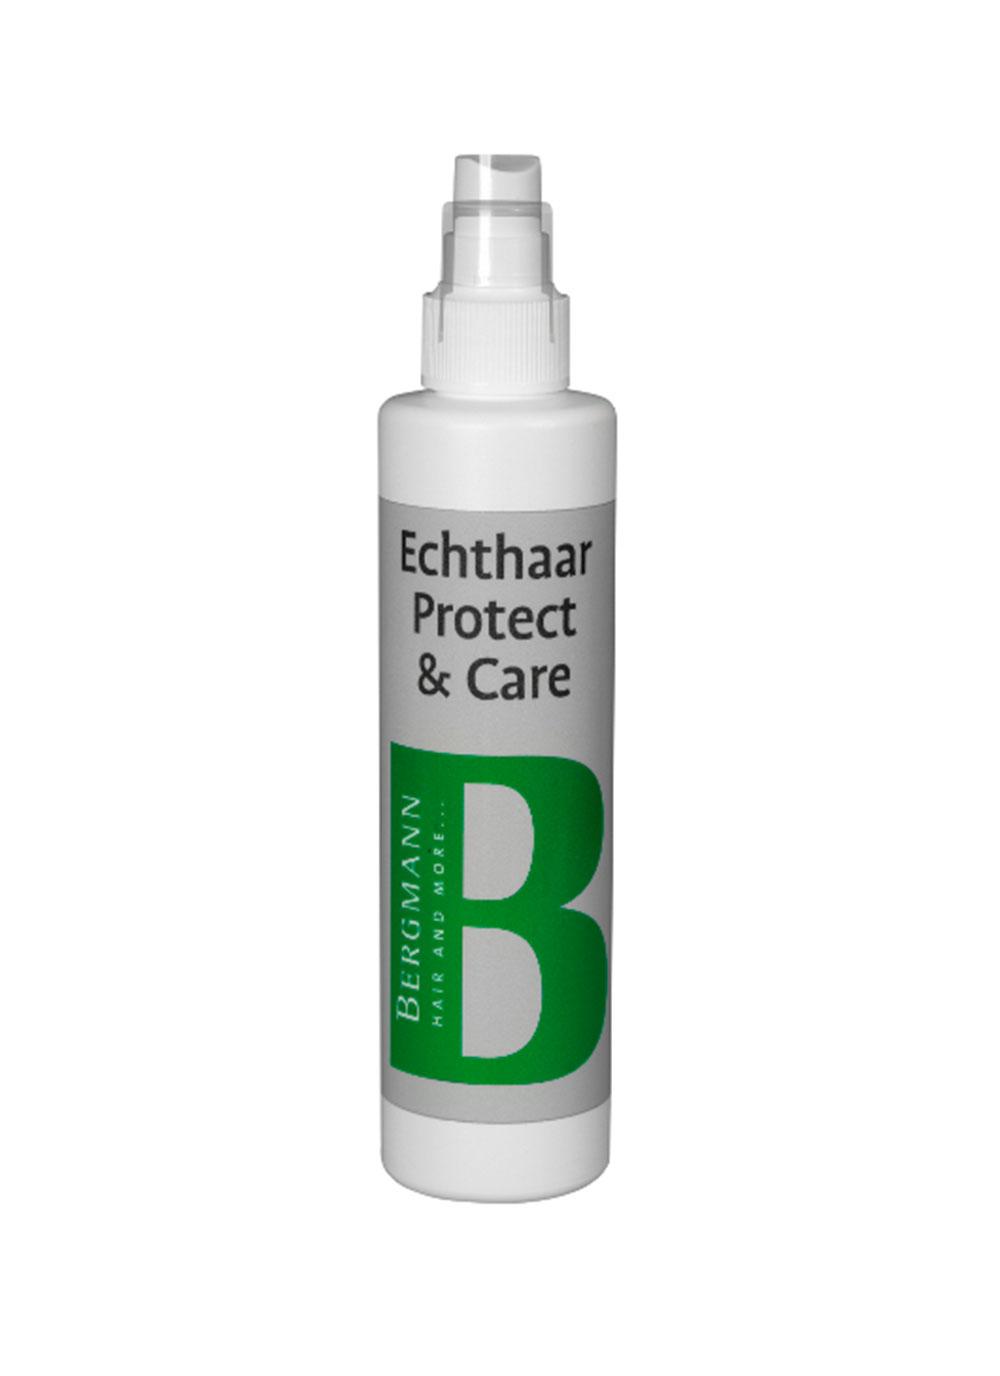 Bergmann Zubehör - Echthaar Protect & Care Sprühkur 200ml